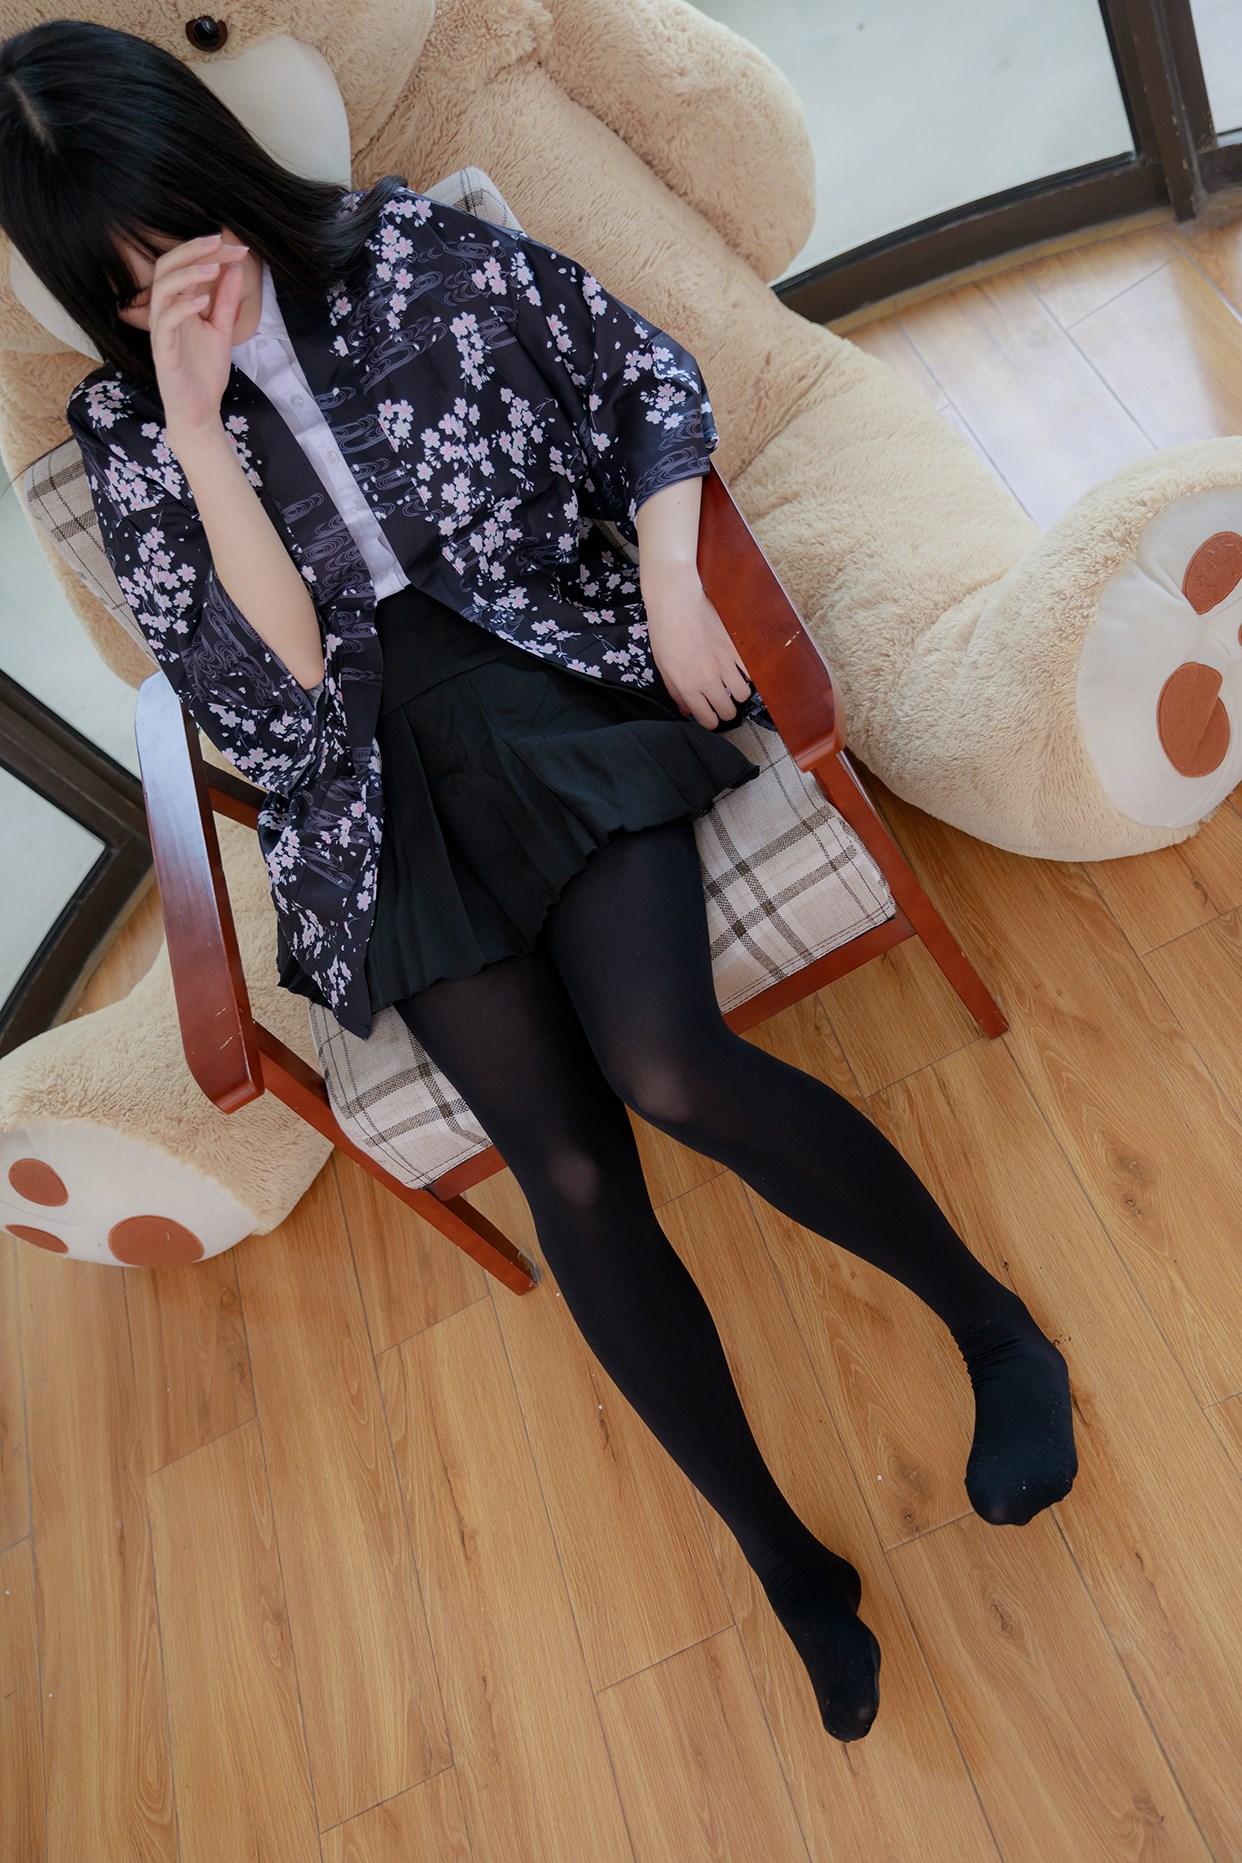 【兔玩映画】椅上的黑丝少女 兔玩映画 第6张